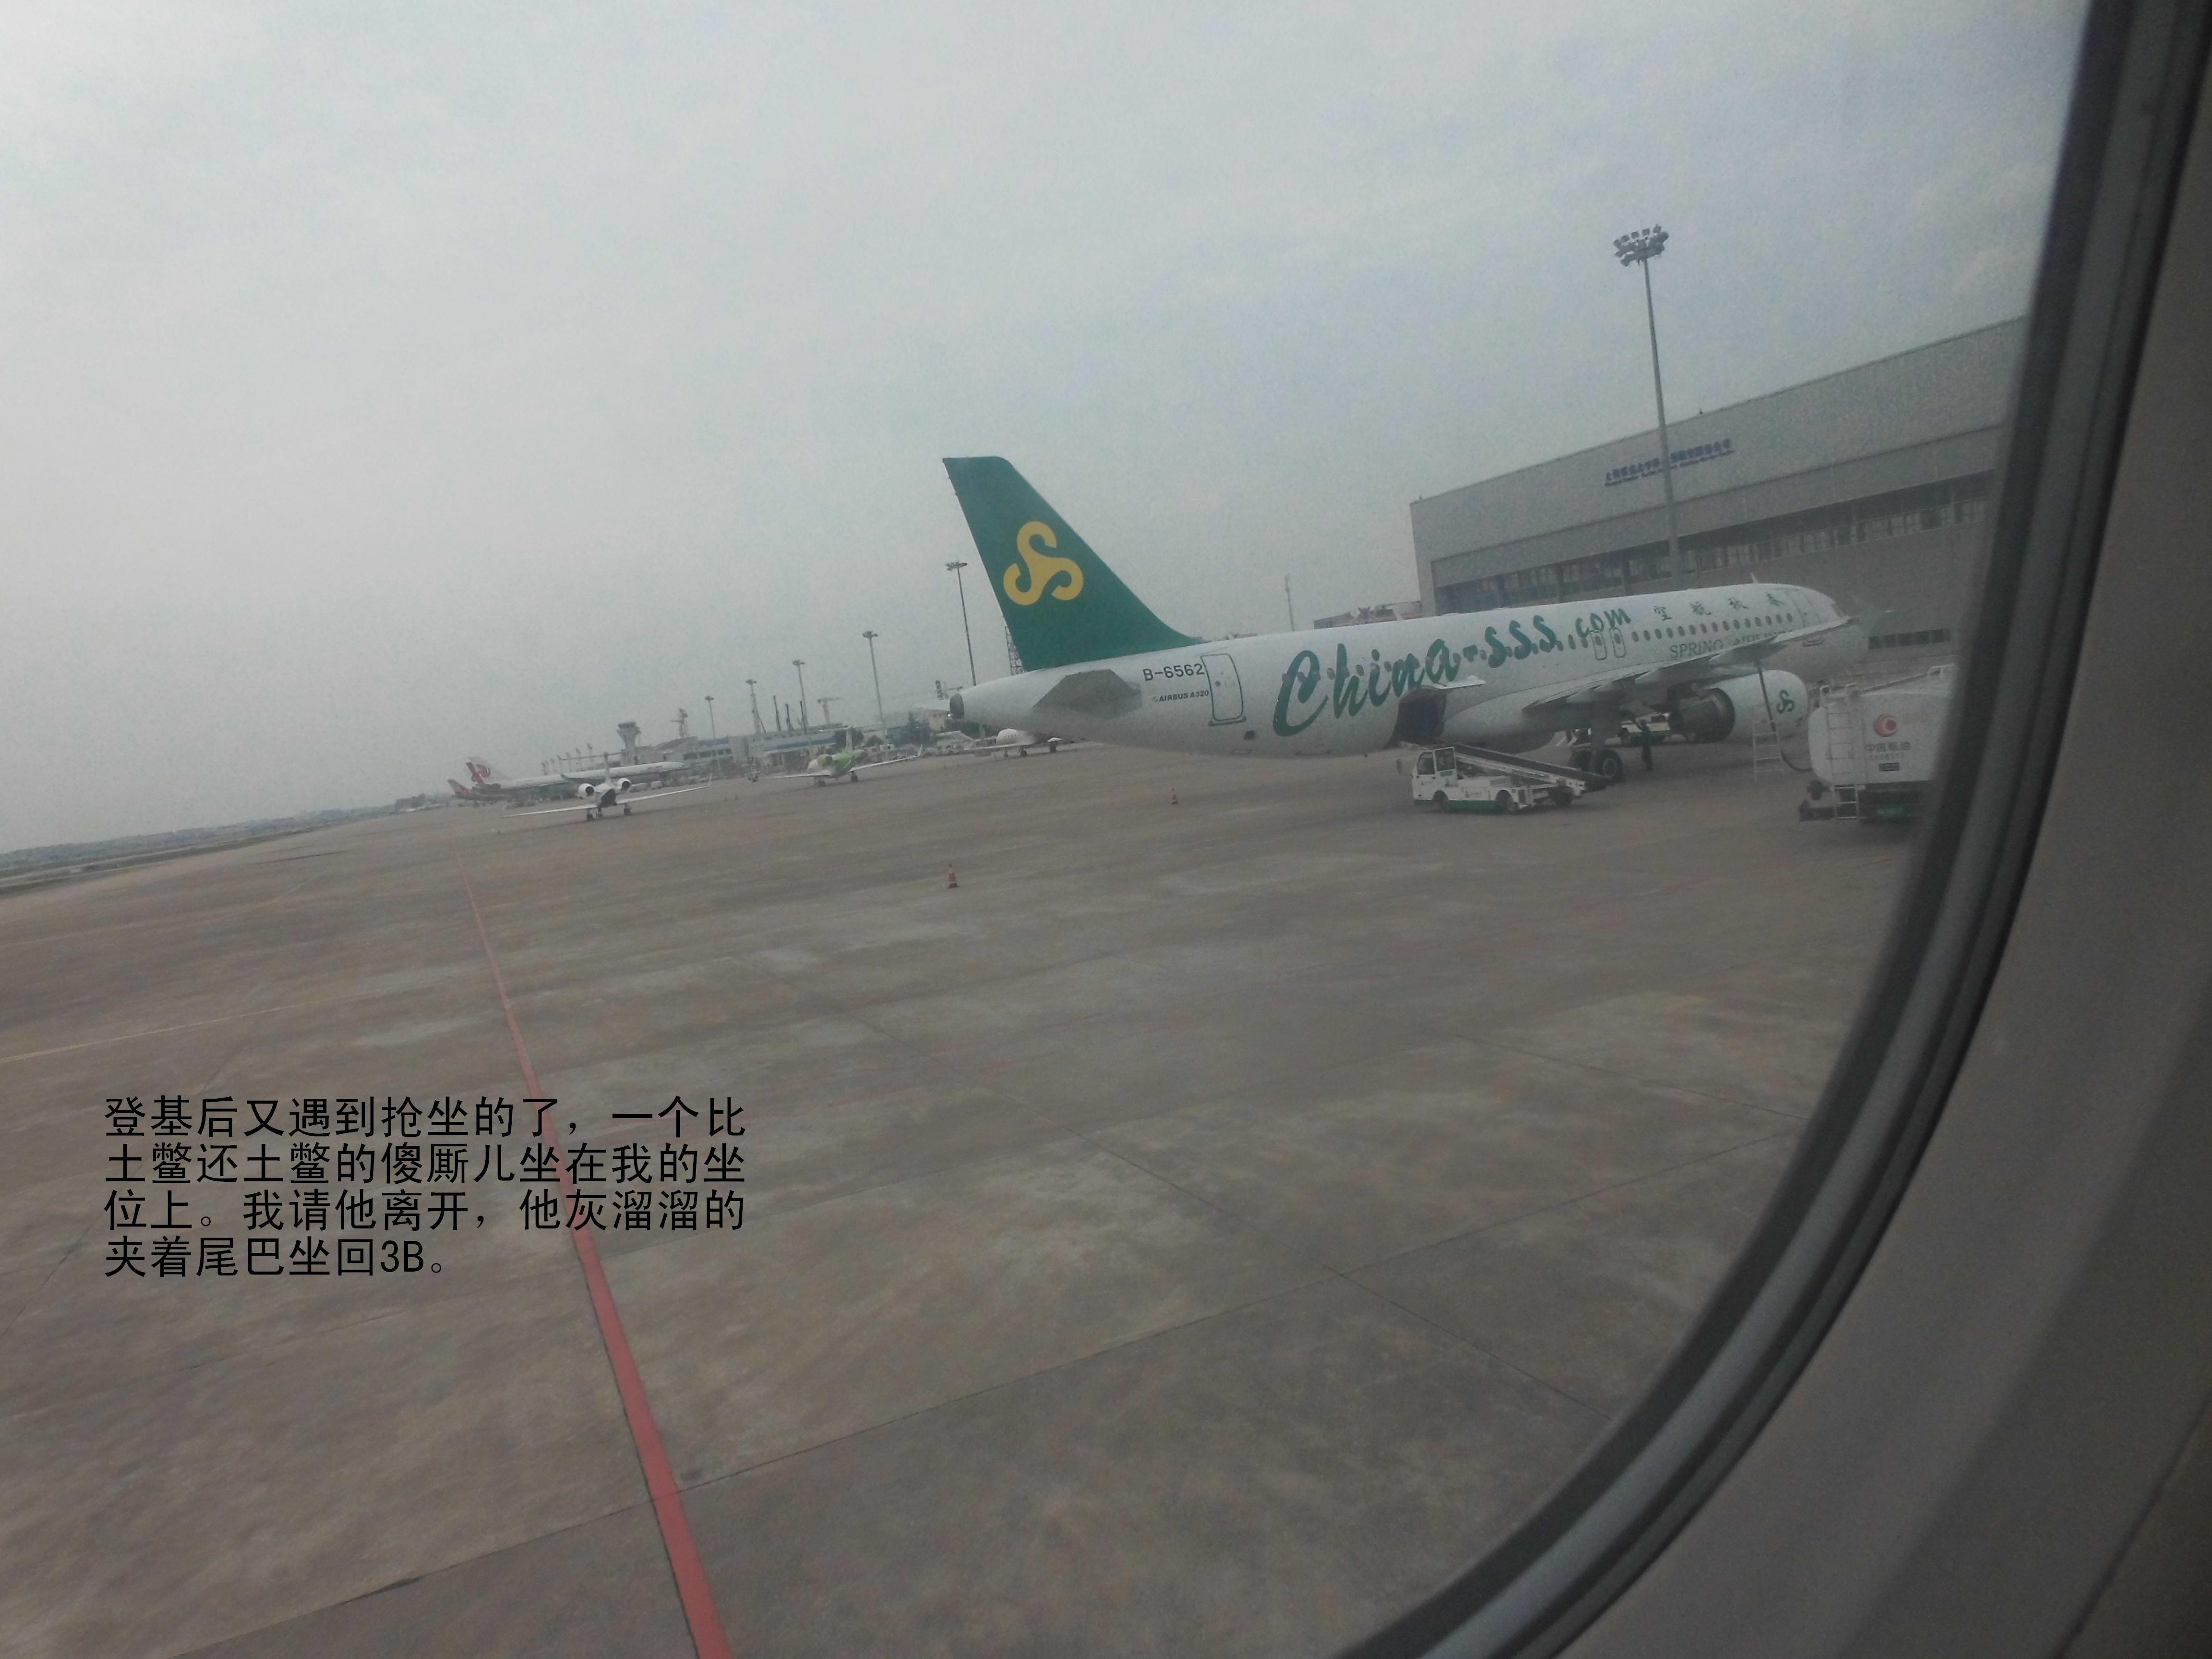 Re:[原创]新手第一帖(送女儿上大学)照片太大不知道怎样缩小,请各位看官自己缩小到25%欣赏 AIRBUS A320 B6310 客舱